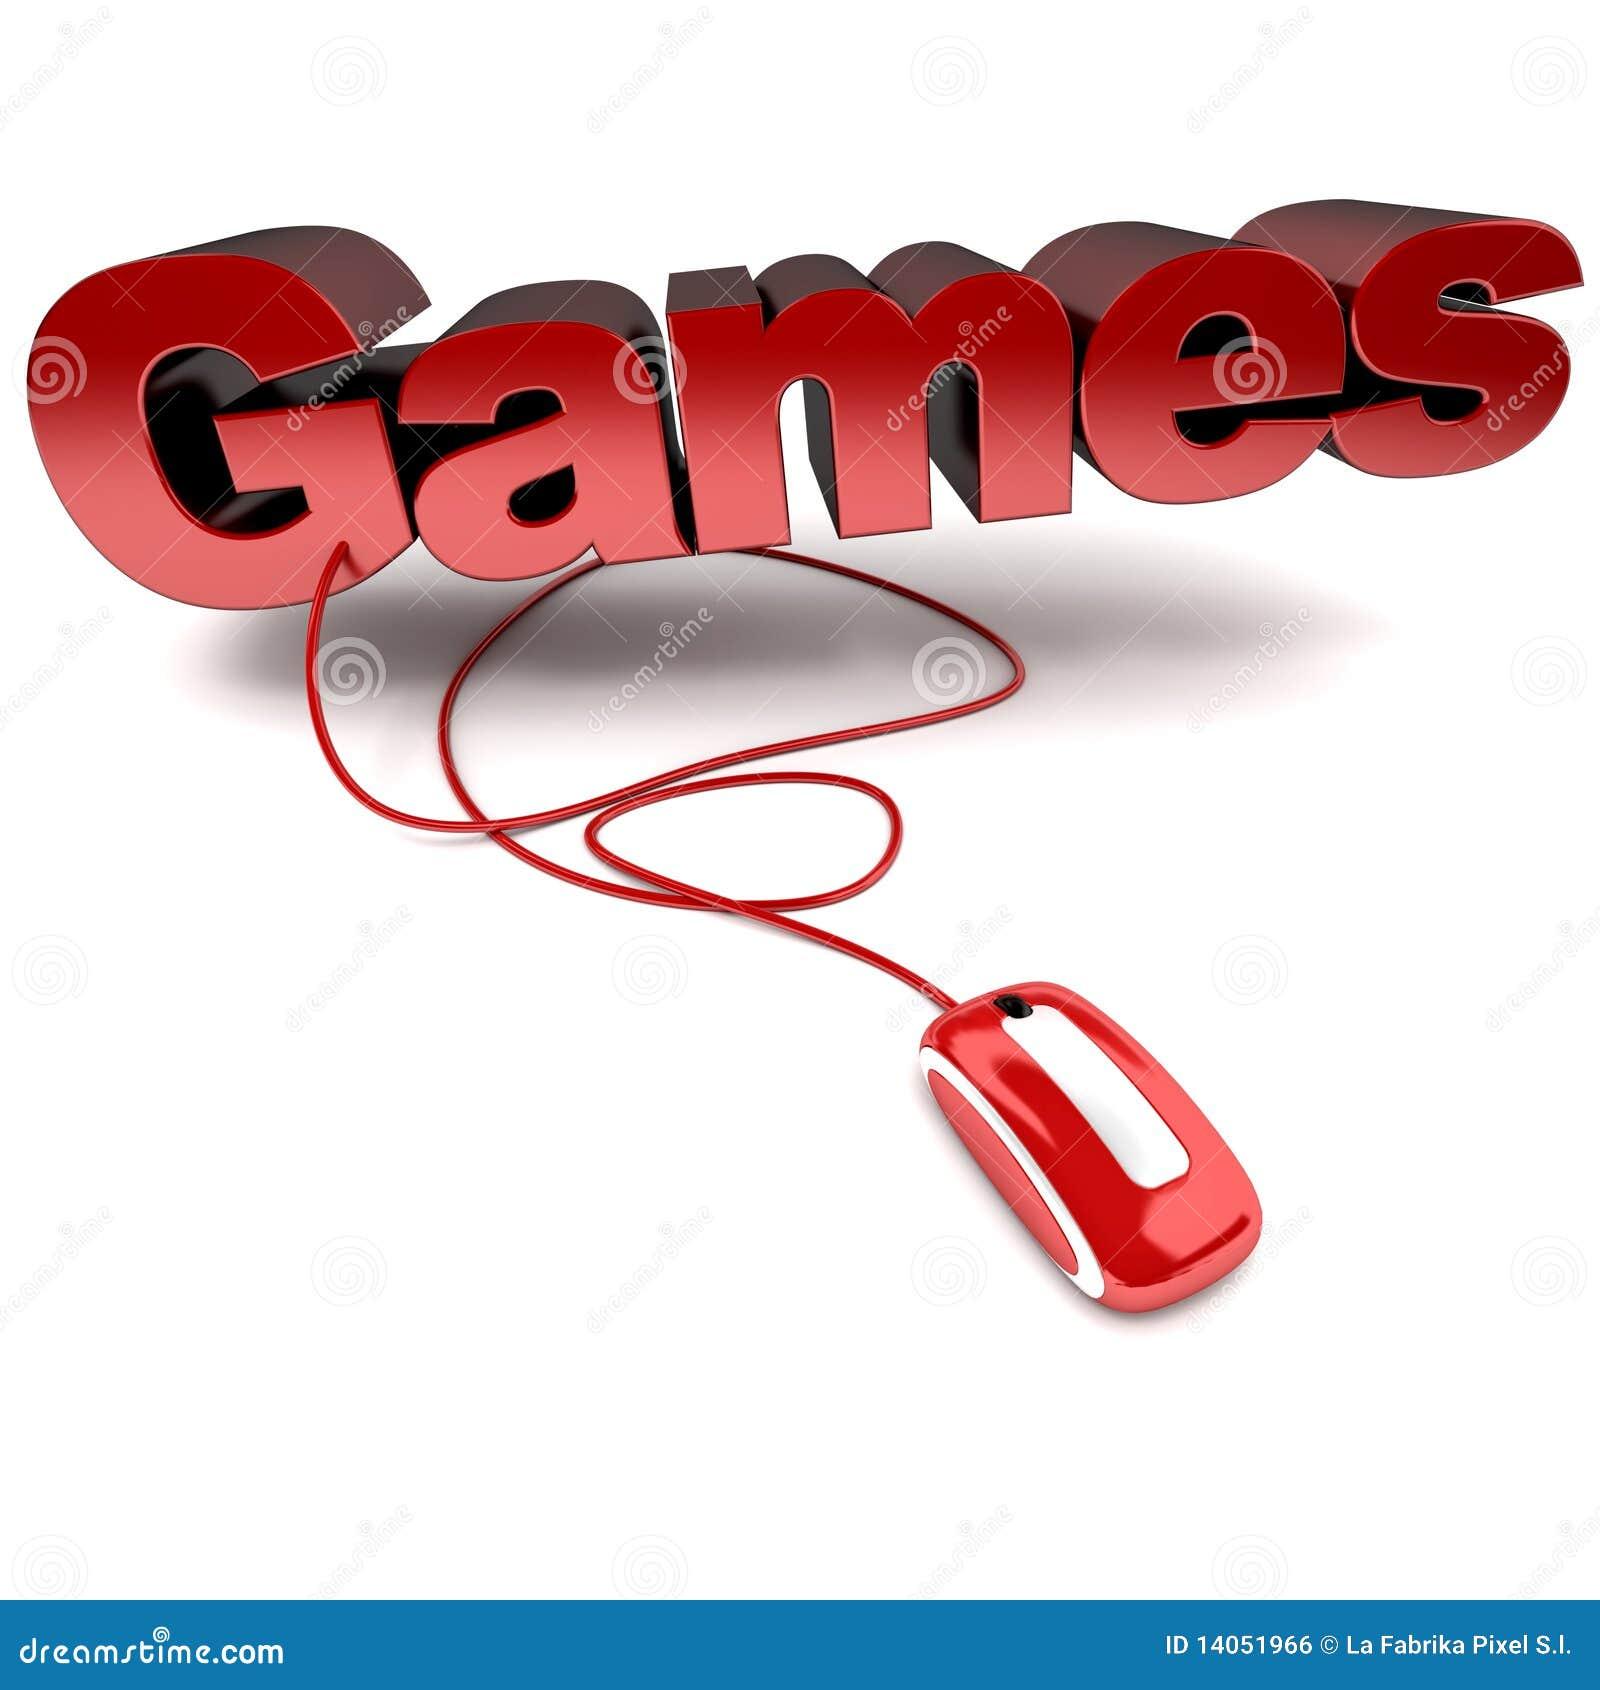 Jeux en ligne image libre de droits image 14051966 - Jeux de souris d ordinateur ...